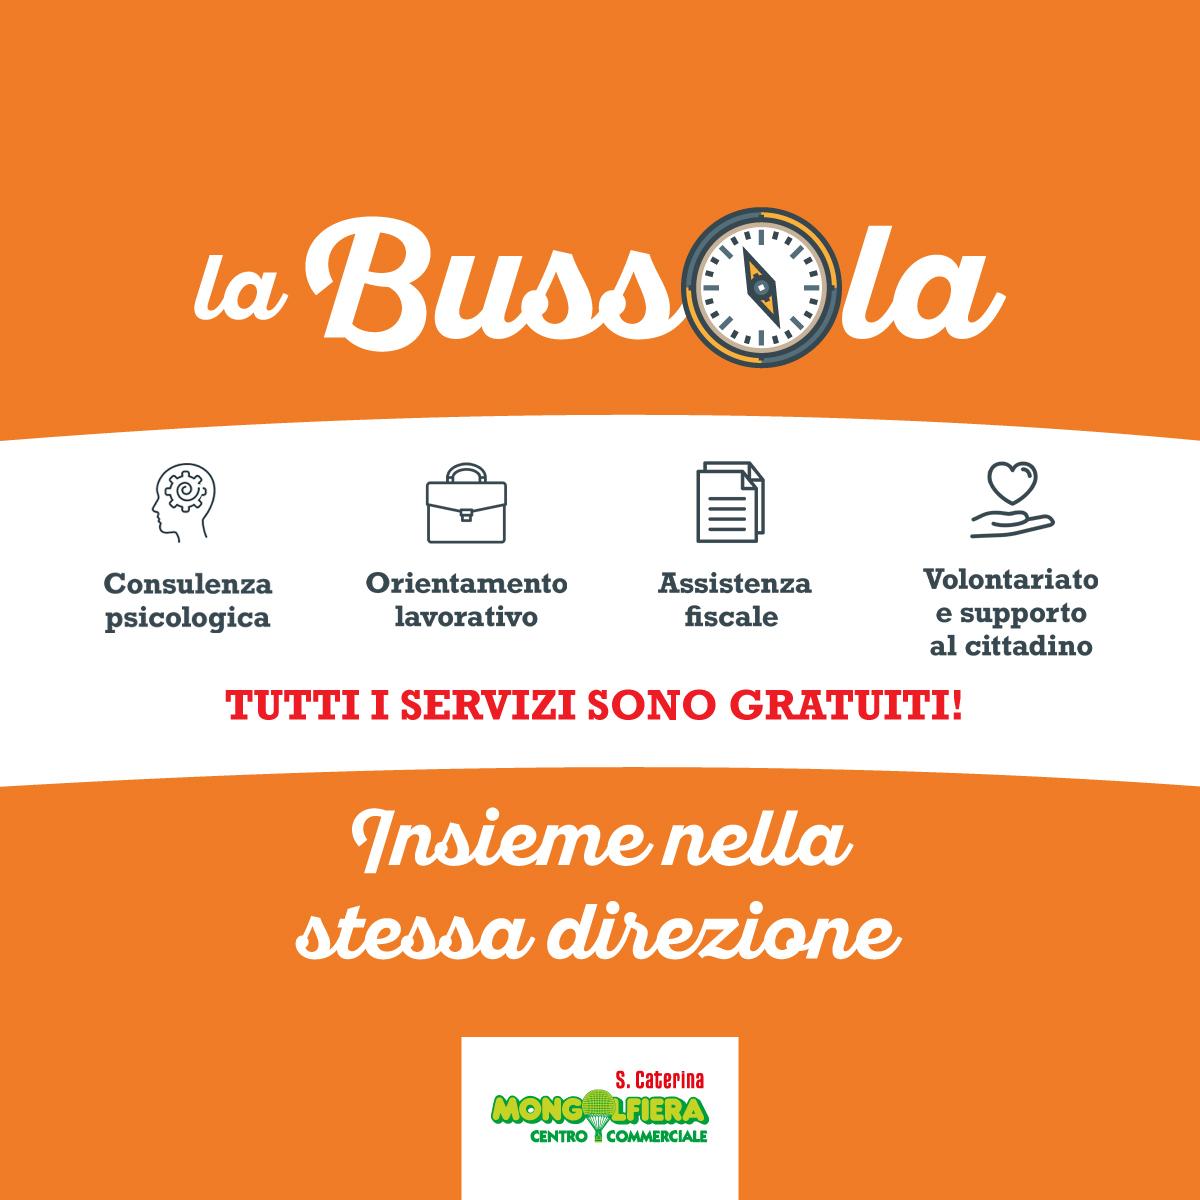 La Bussola: centro servizi gratuito